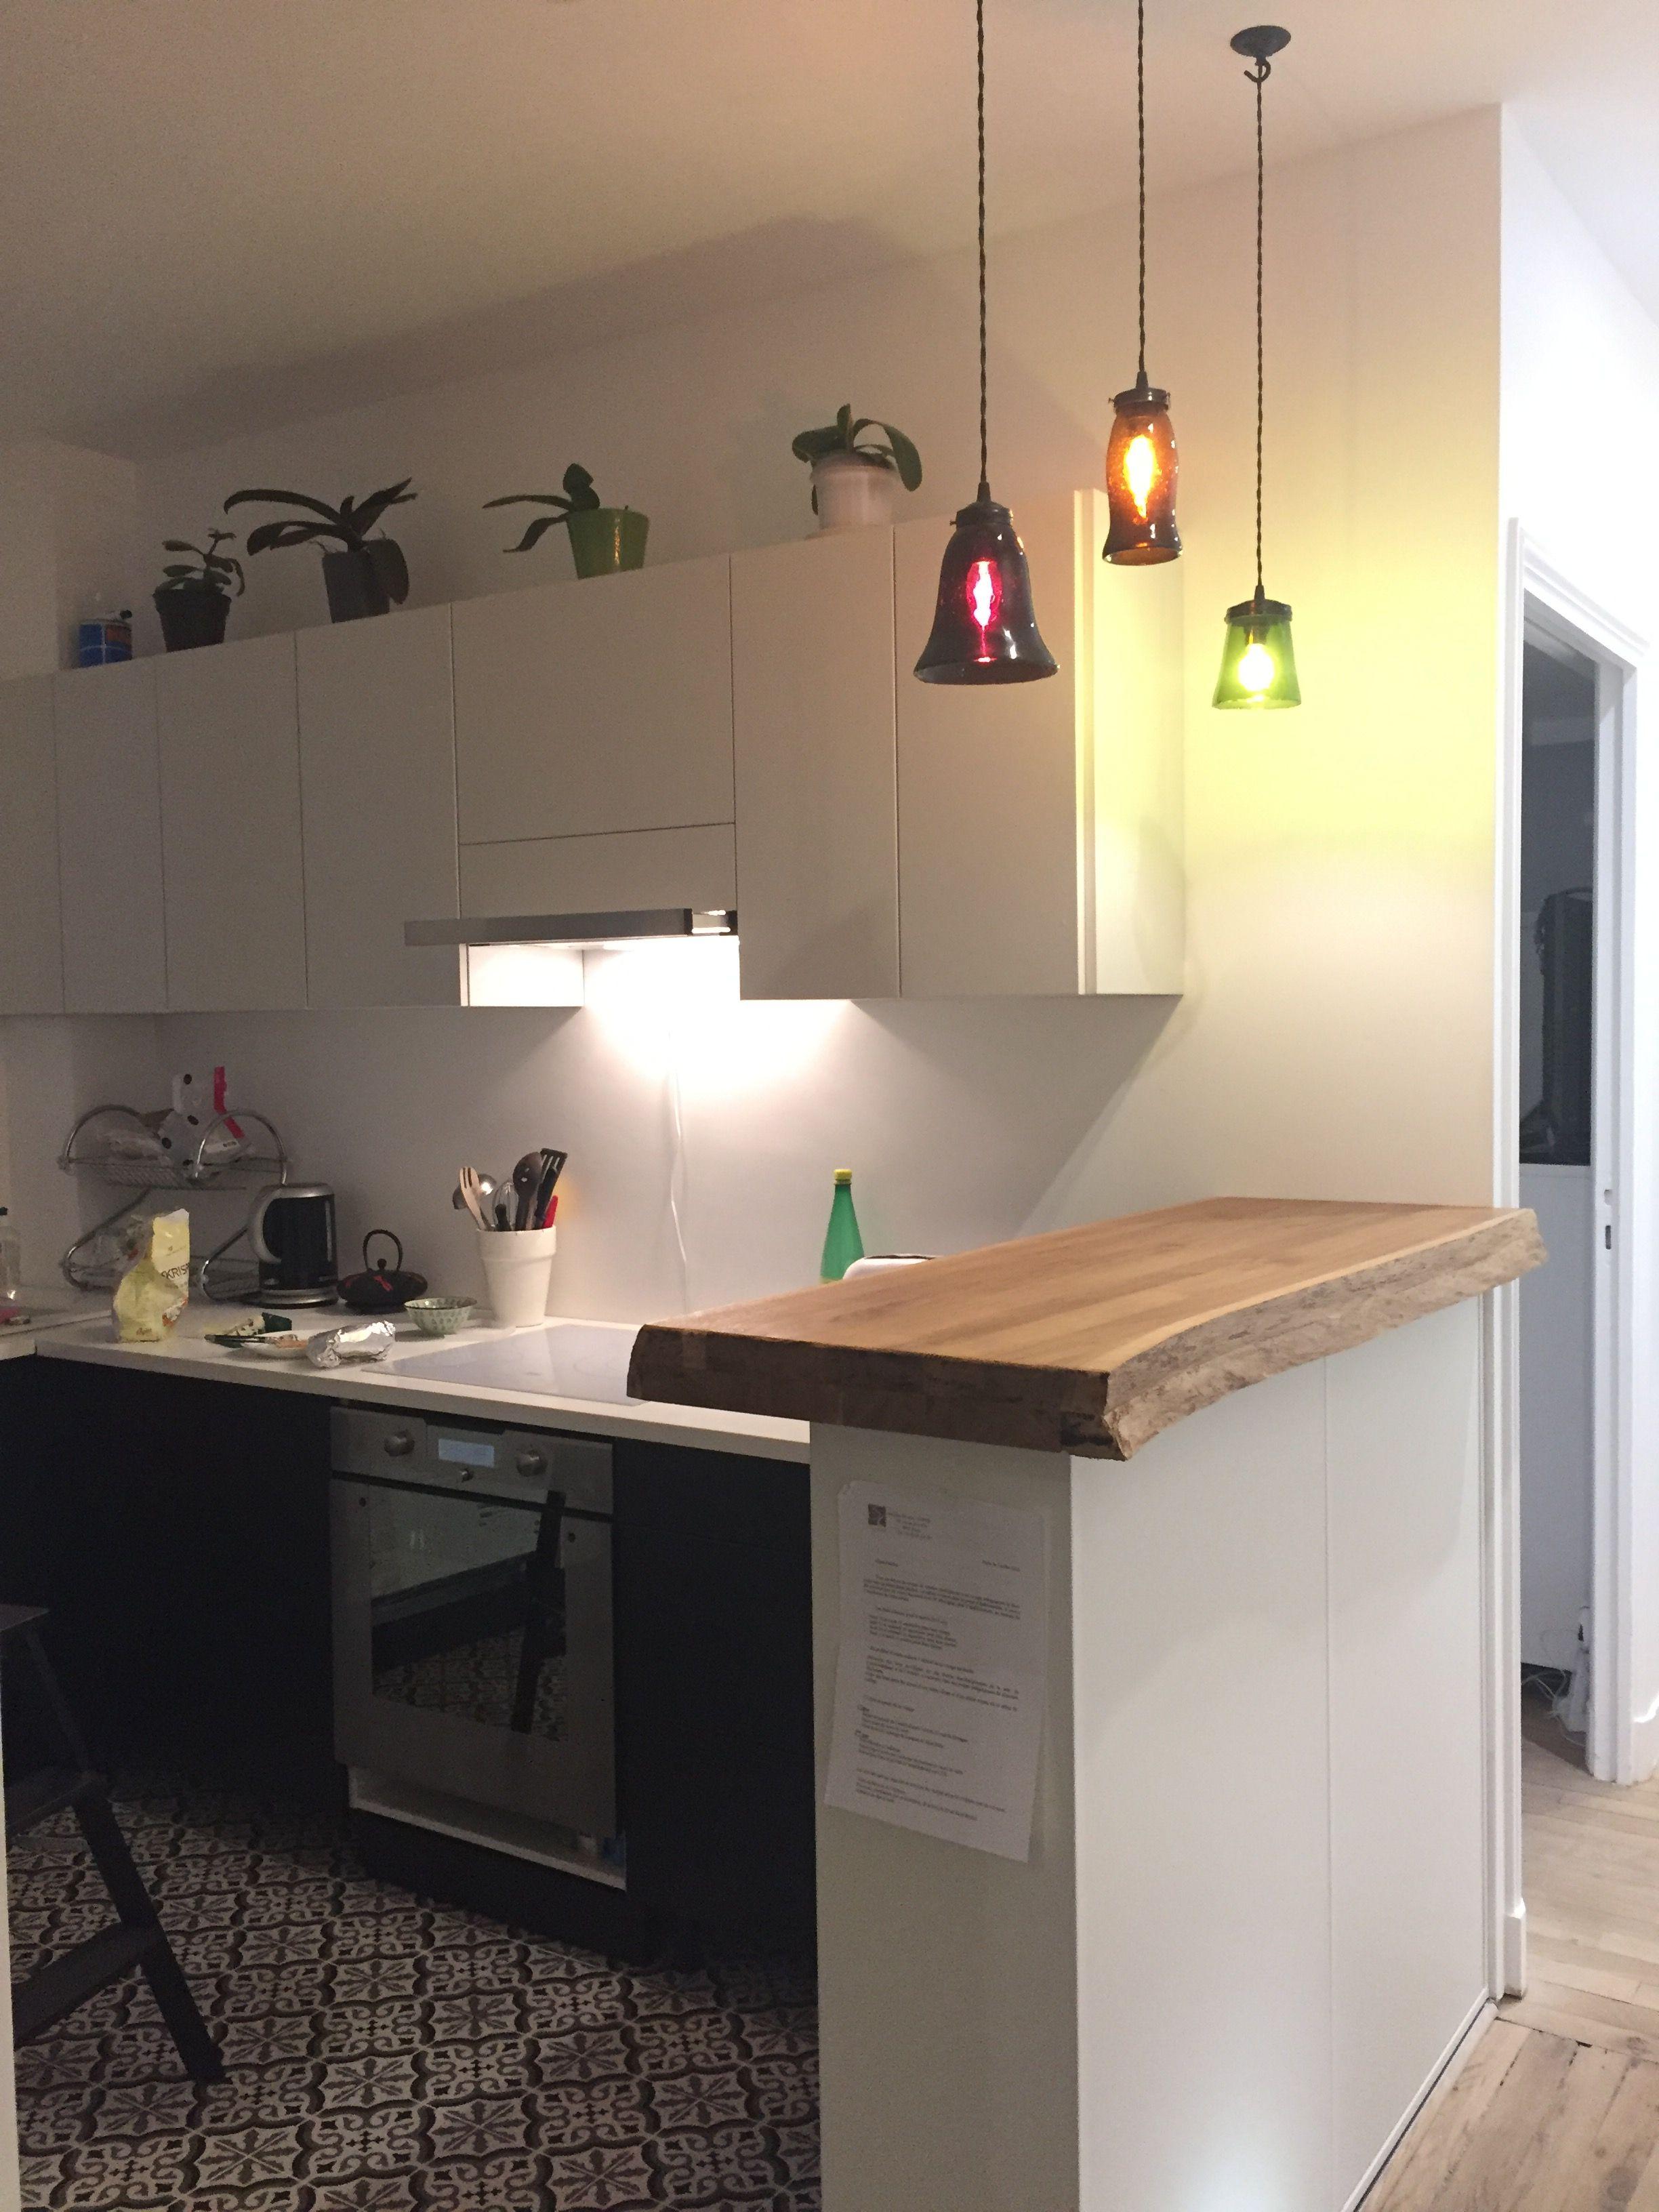 Cuisine Fermée En U la cuisine ouvre sur un couloir et le bar délimite l'espace